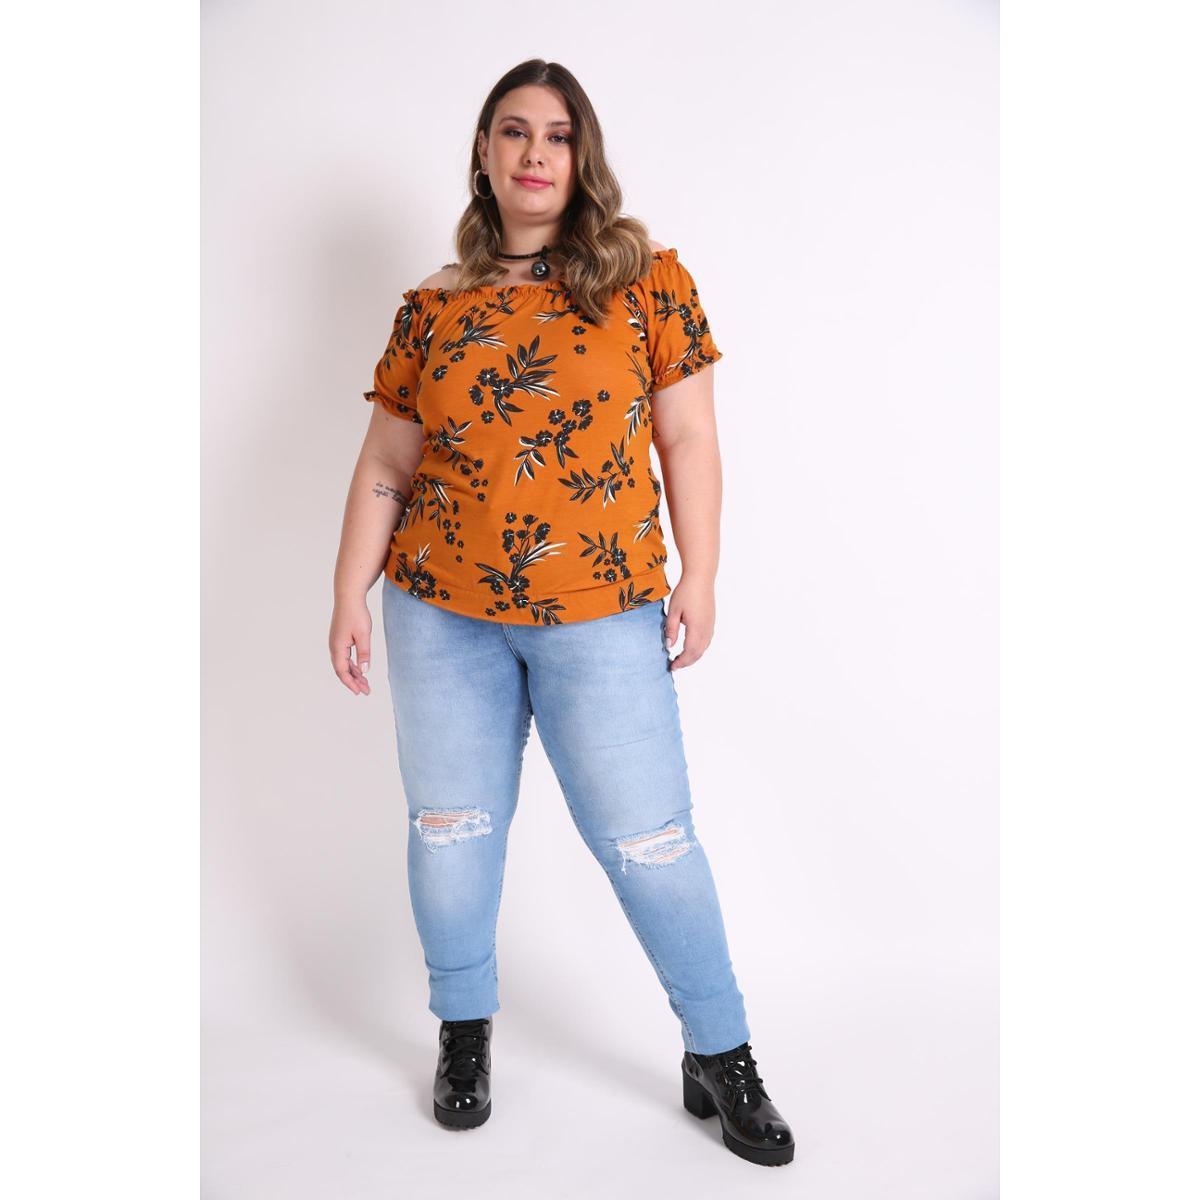 Blusa Kauê Plus Size Ombro a Ombro Floral Feminina - Caramelo